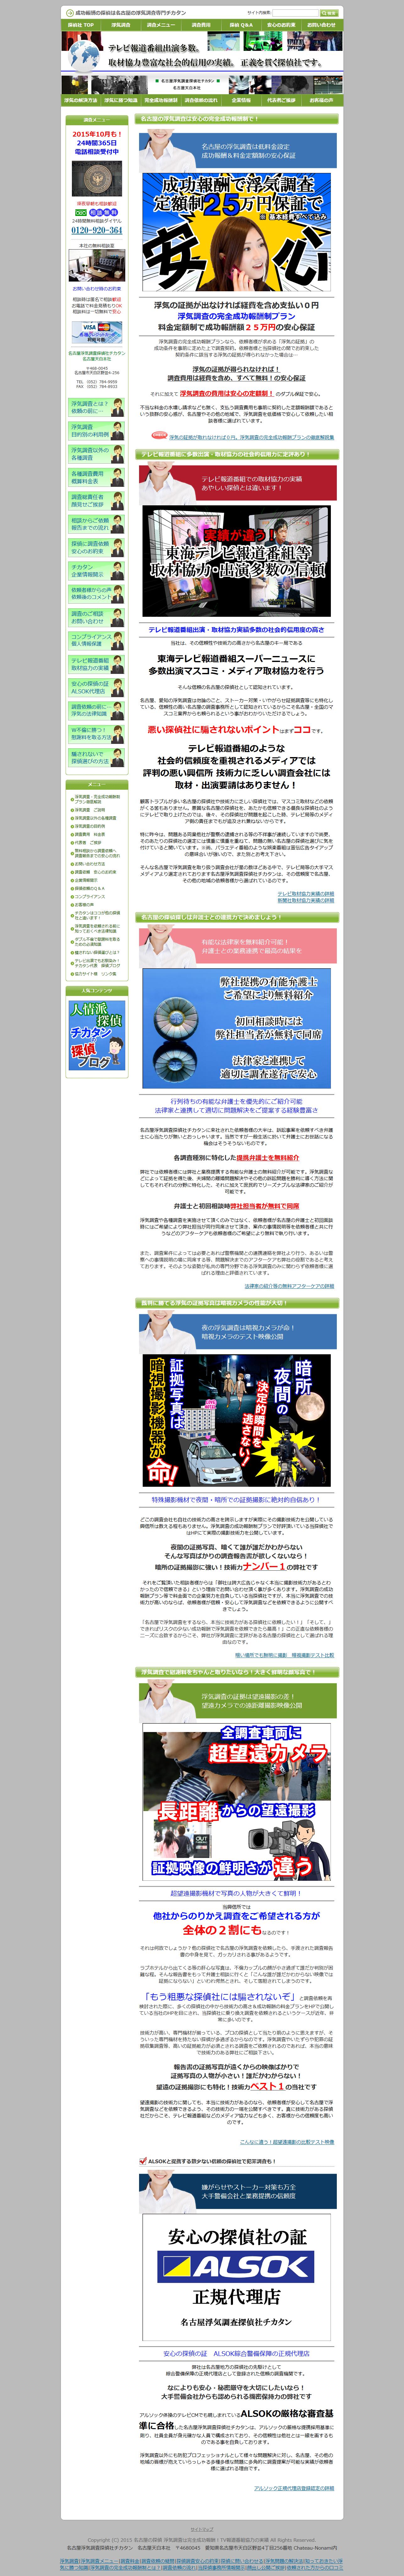 名古屋の探偵 浮気調査は完全成功報酬!TV報道番組協力の実績